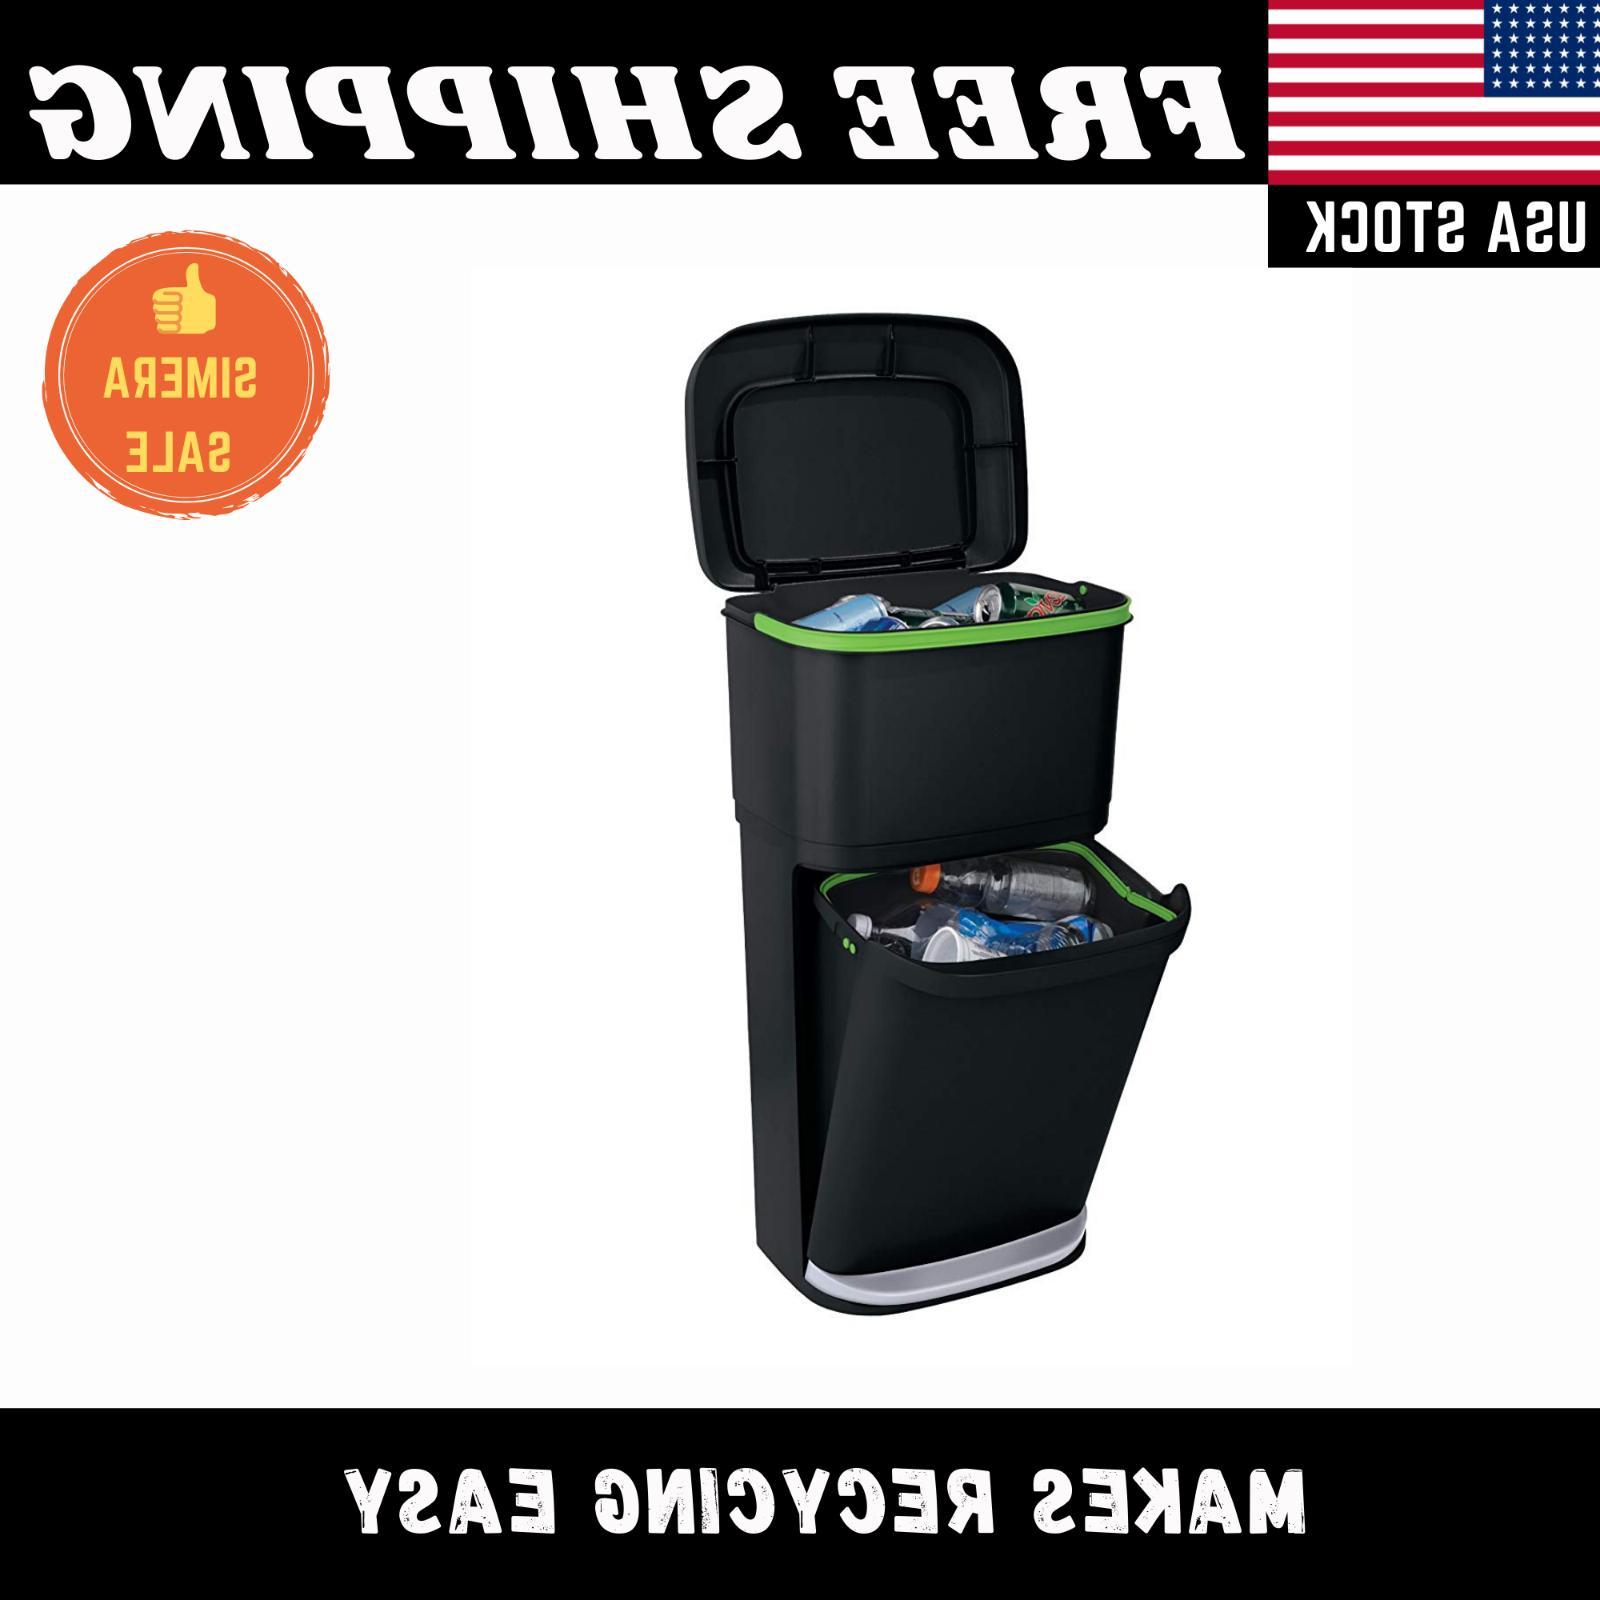 dual trash can 13 gallon pedal step